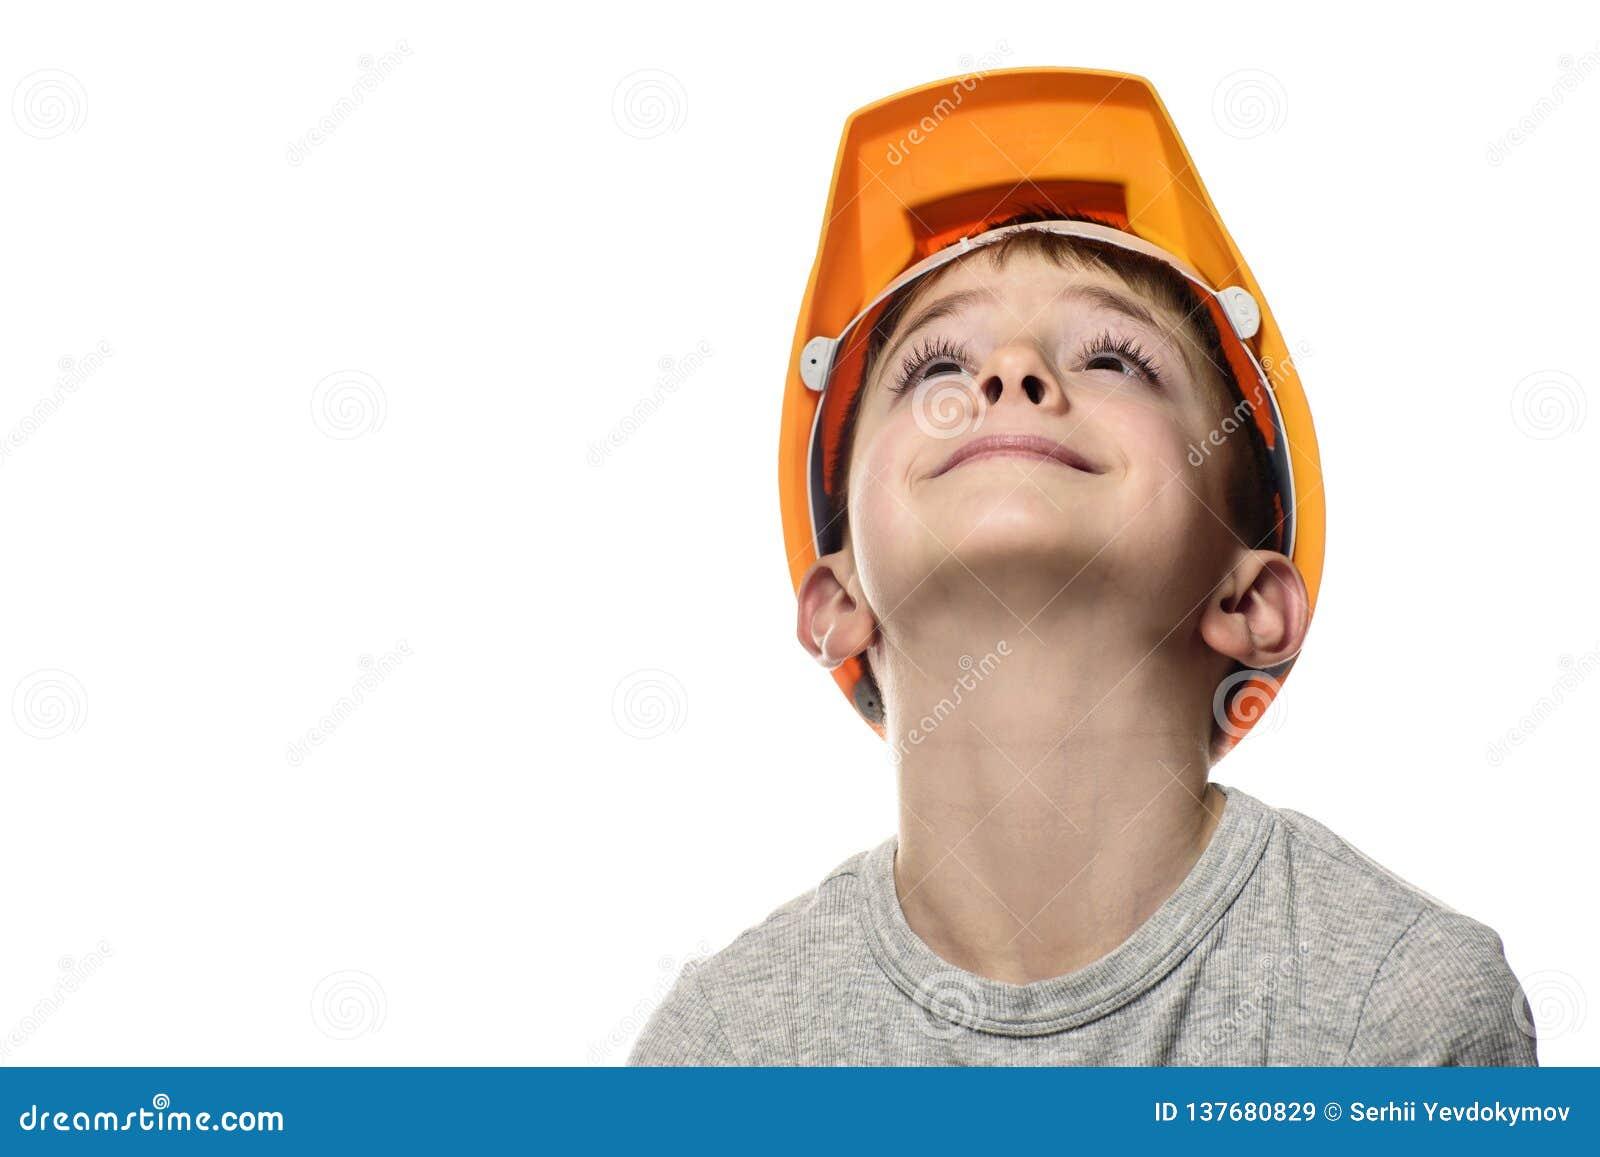 Pojken i den orange konstruktionshjälmen lyftte upp hans huvud Stående framsida Isolat på vitbakgrund